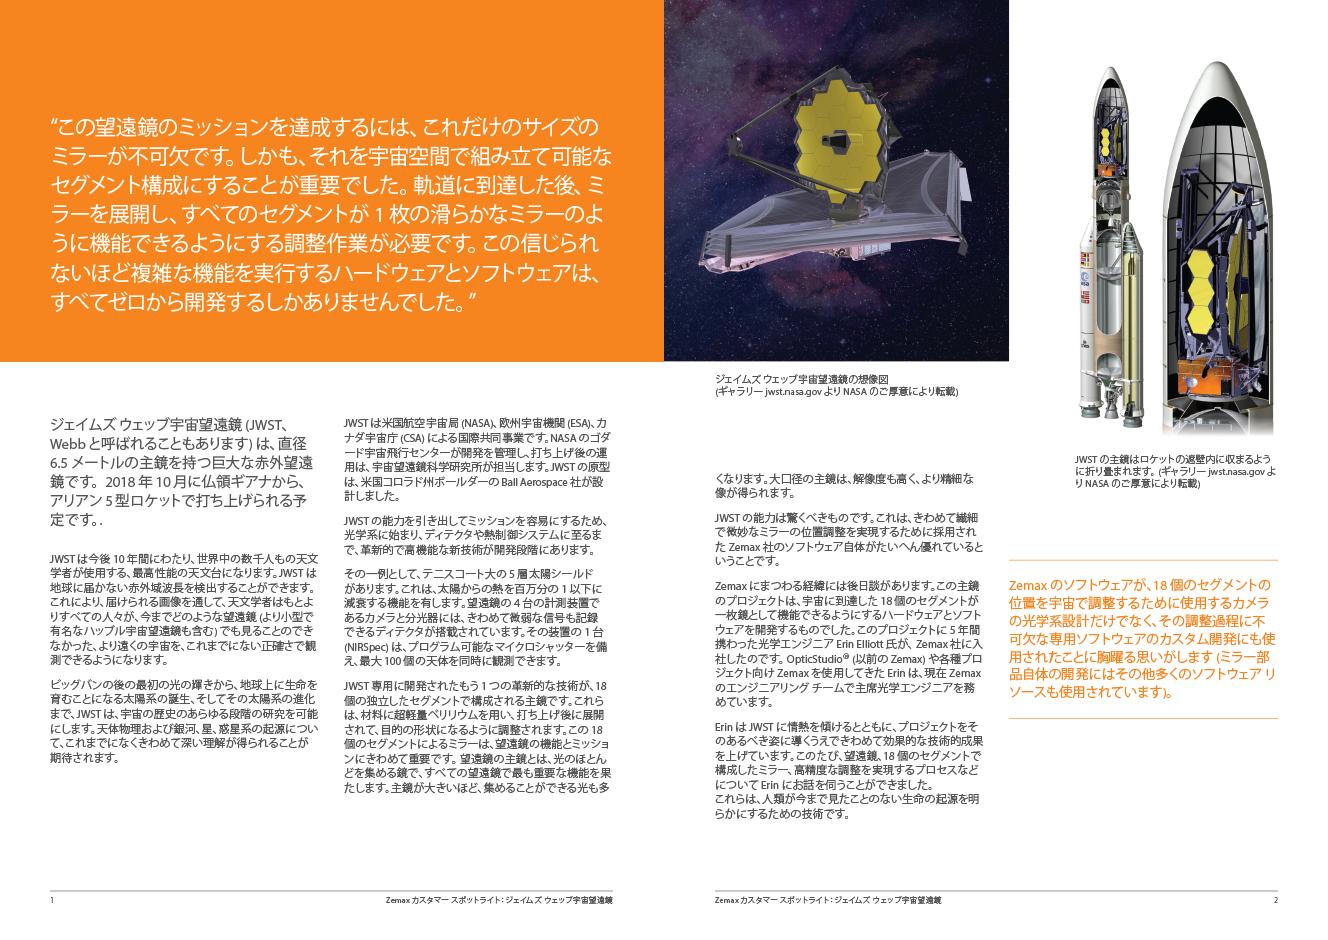 ジェイムズ ウェッブ宇宙望遠鏡の重要な光学系の設計に採用された OpticStudio Sneak Preview